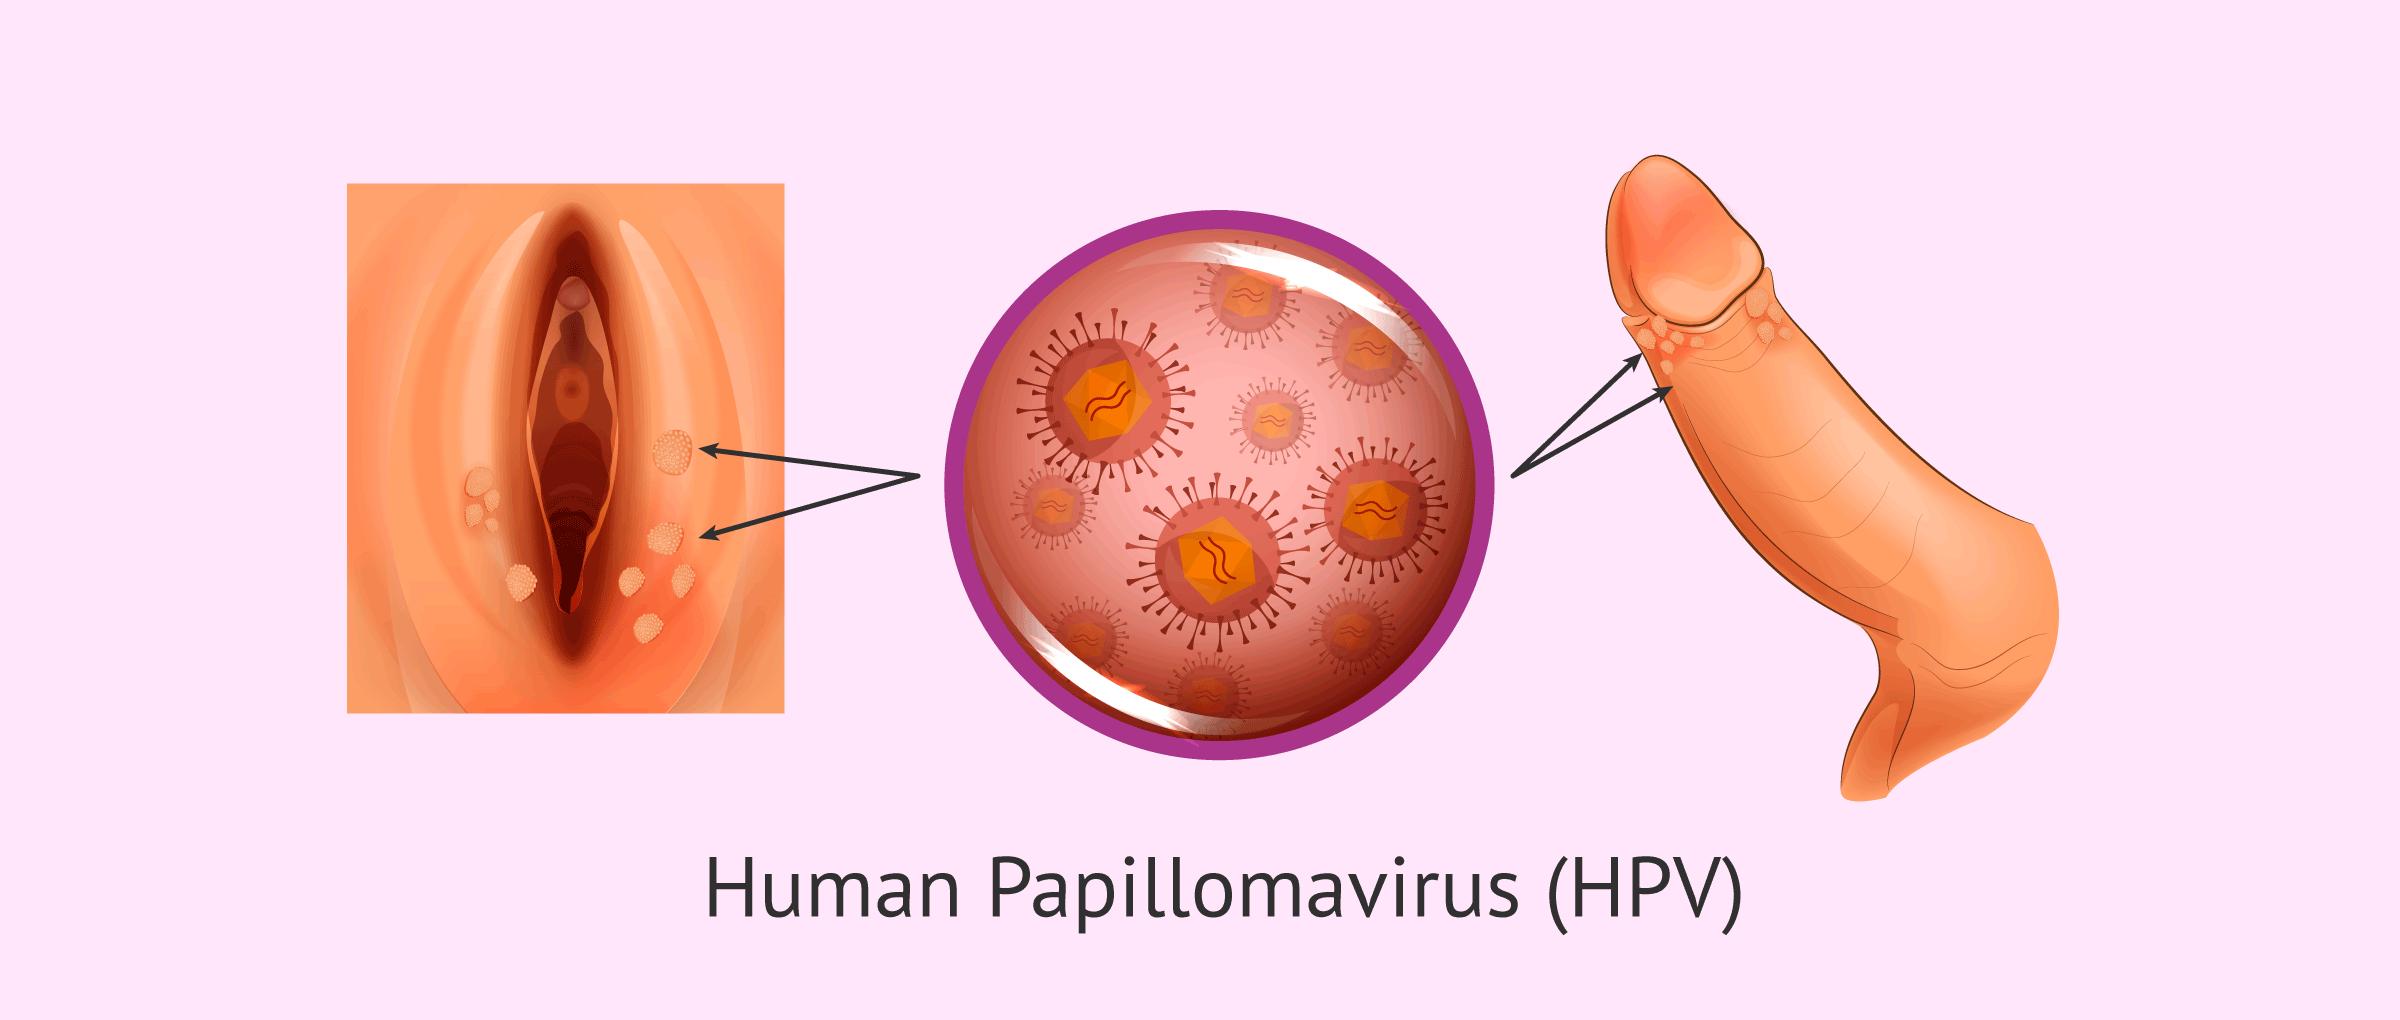 human papillomavirus hpv symptoms